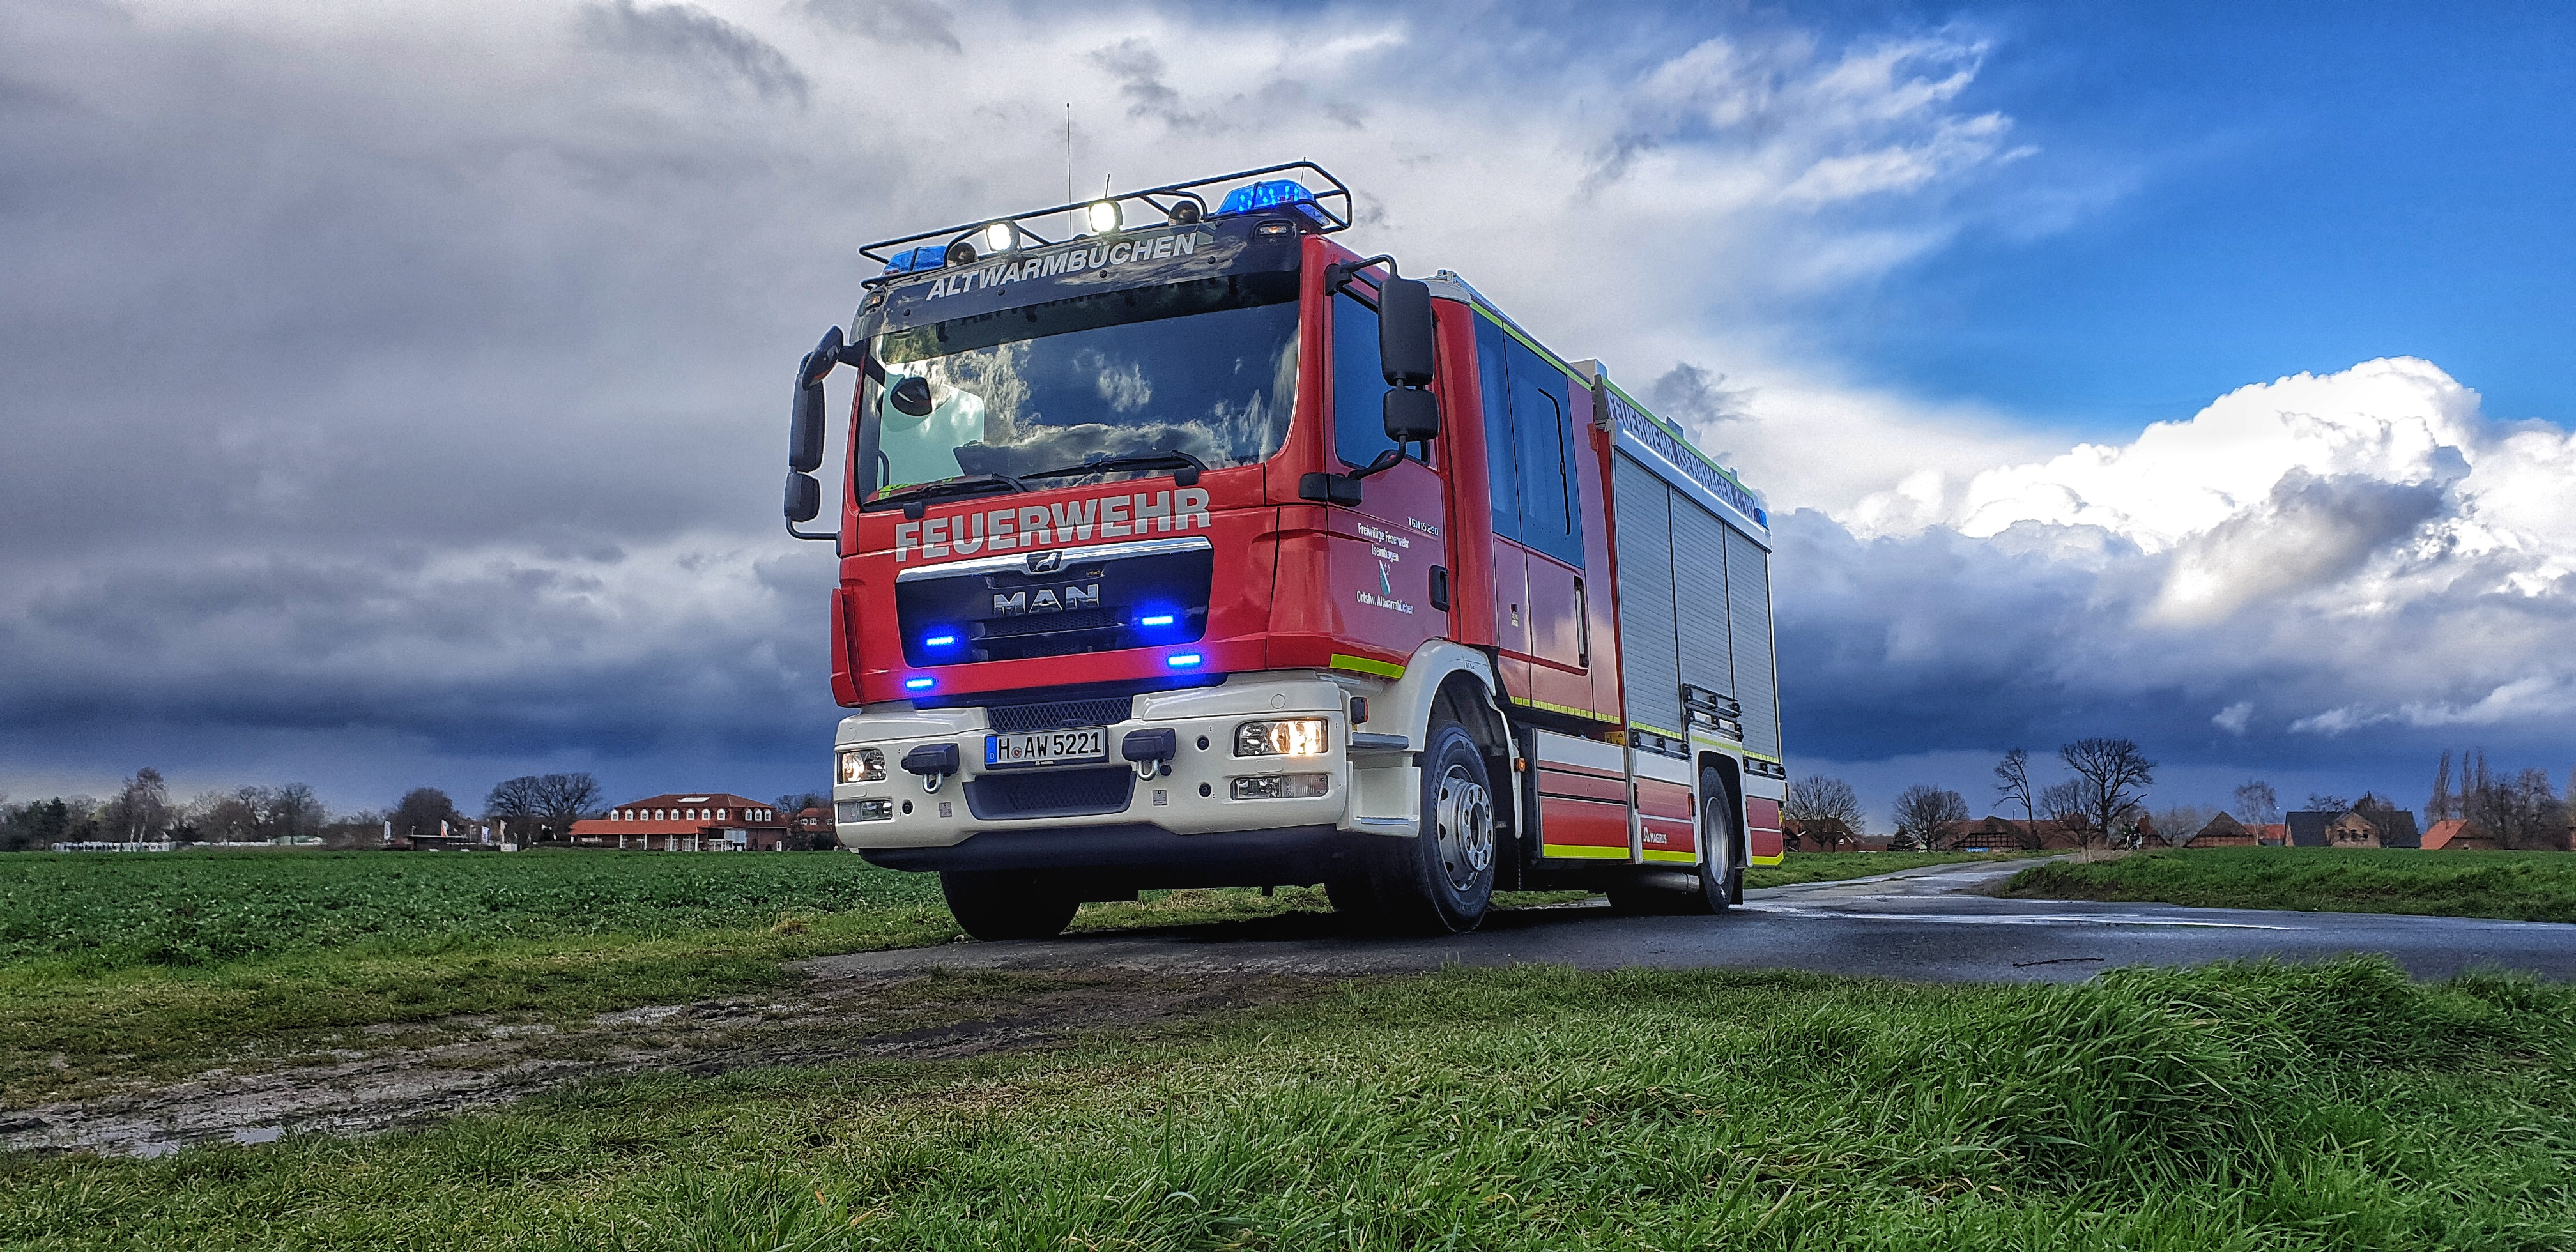 HLF20 Feuerwehr Altwarmbüchen